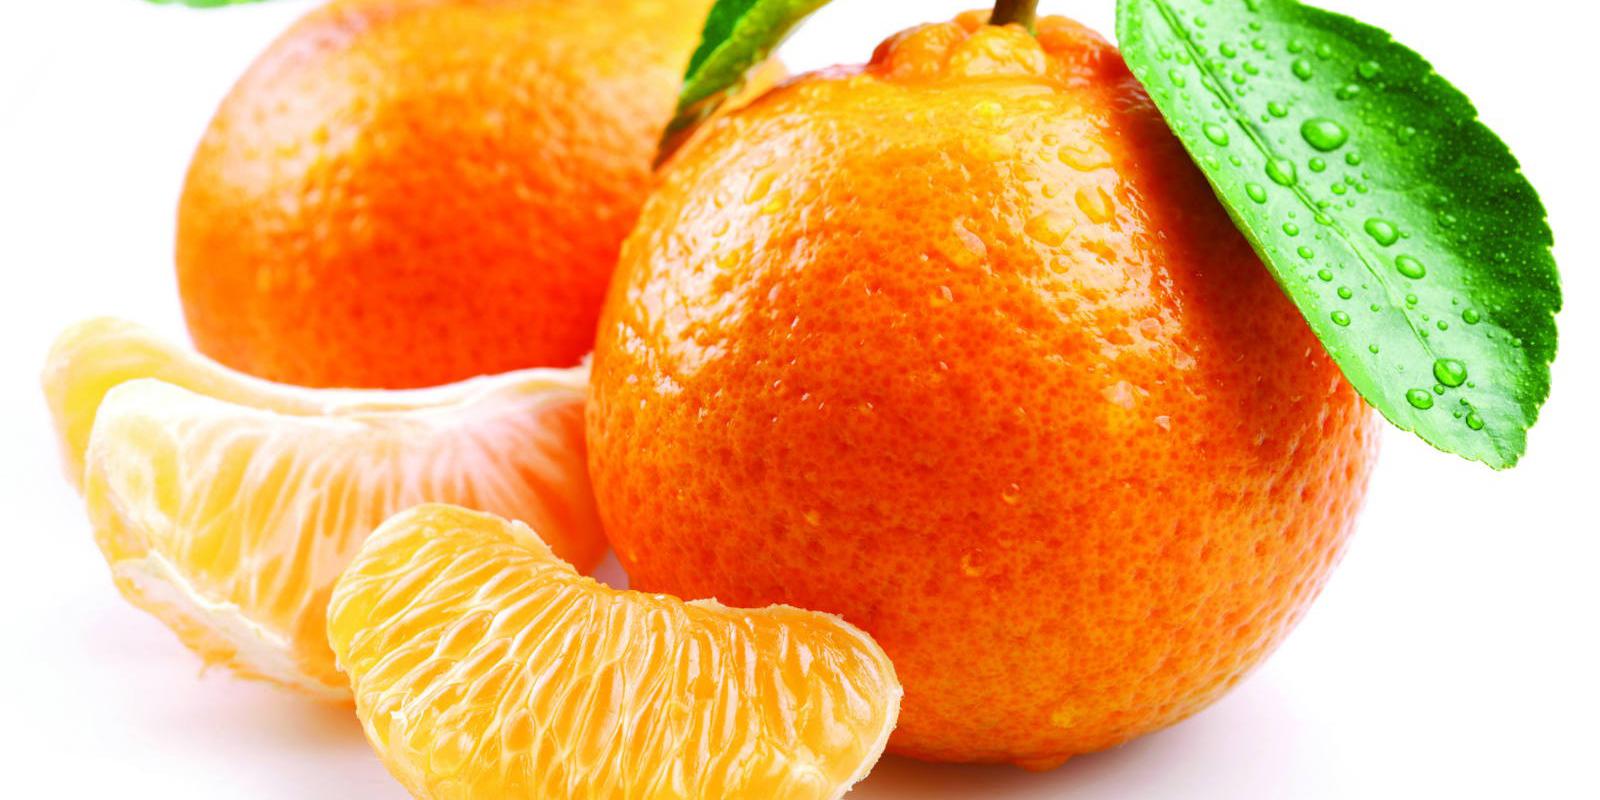 مجوز رسمی واردات نارنگی از پاکستان